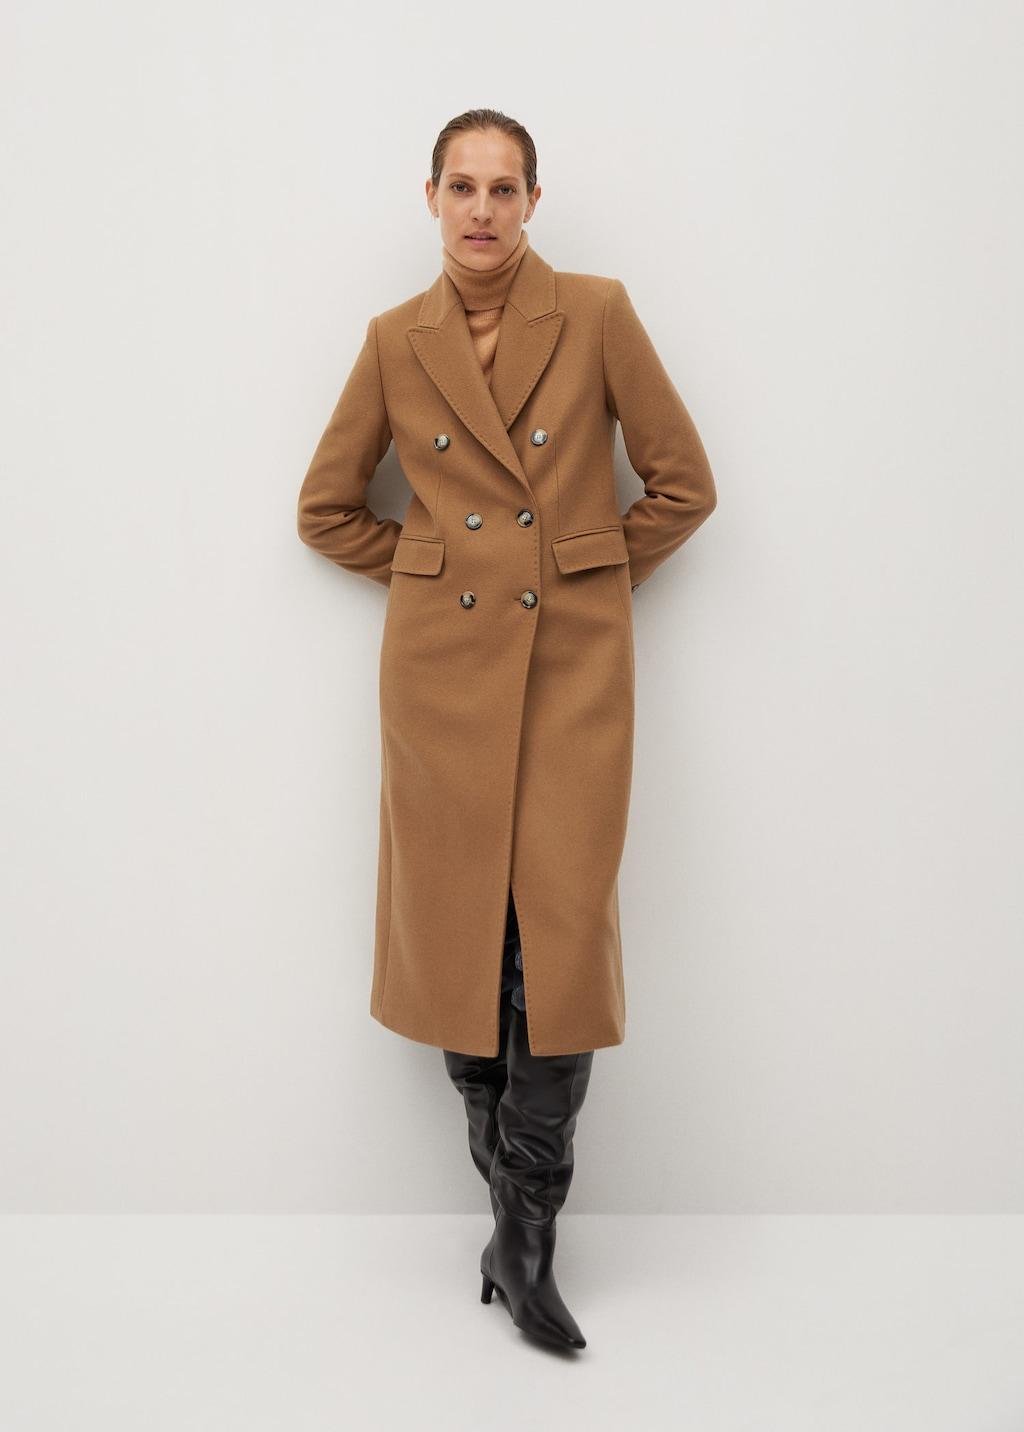 cappotti low cost autunno inverno 2020-21 Mango